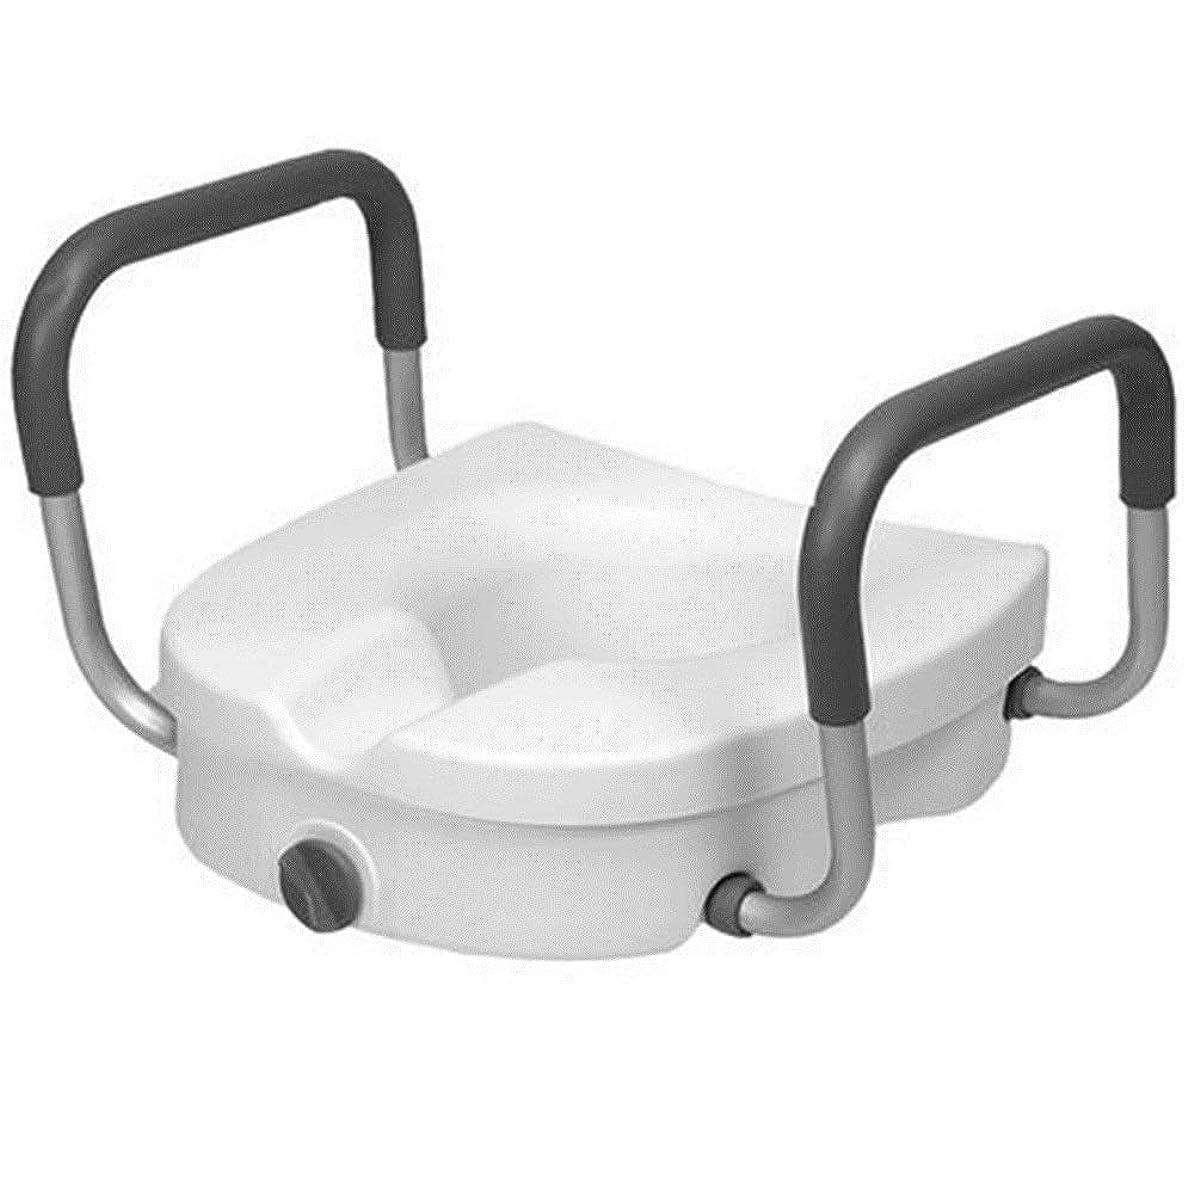 潮スノーケル豊かなArmrestの洗面所のブースター、洗面所の手すりのArmrestが付いている調節可能な便座